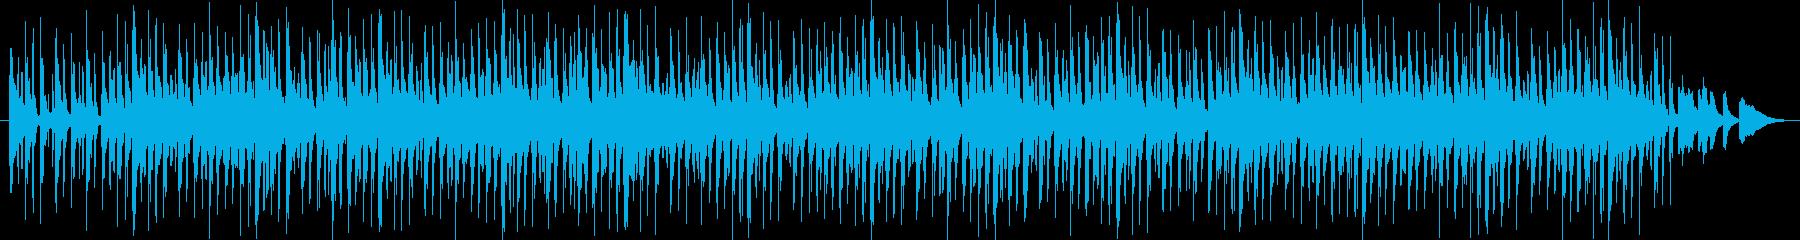 子ども向けのかわいいイメージの曲を目指…の再生済みの波形